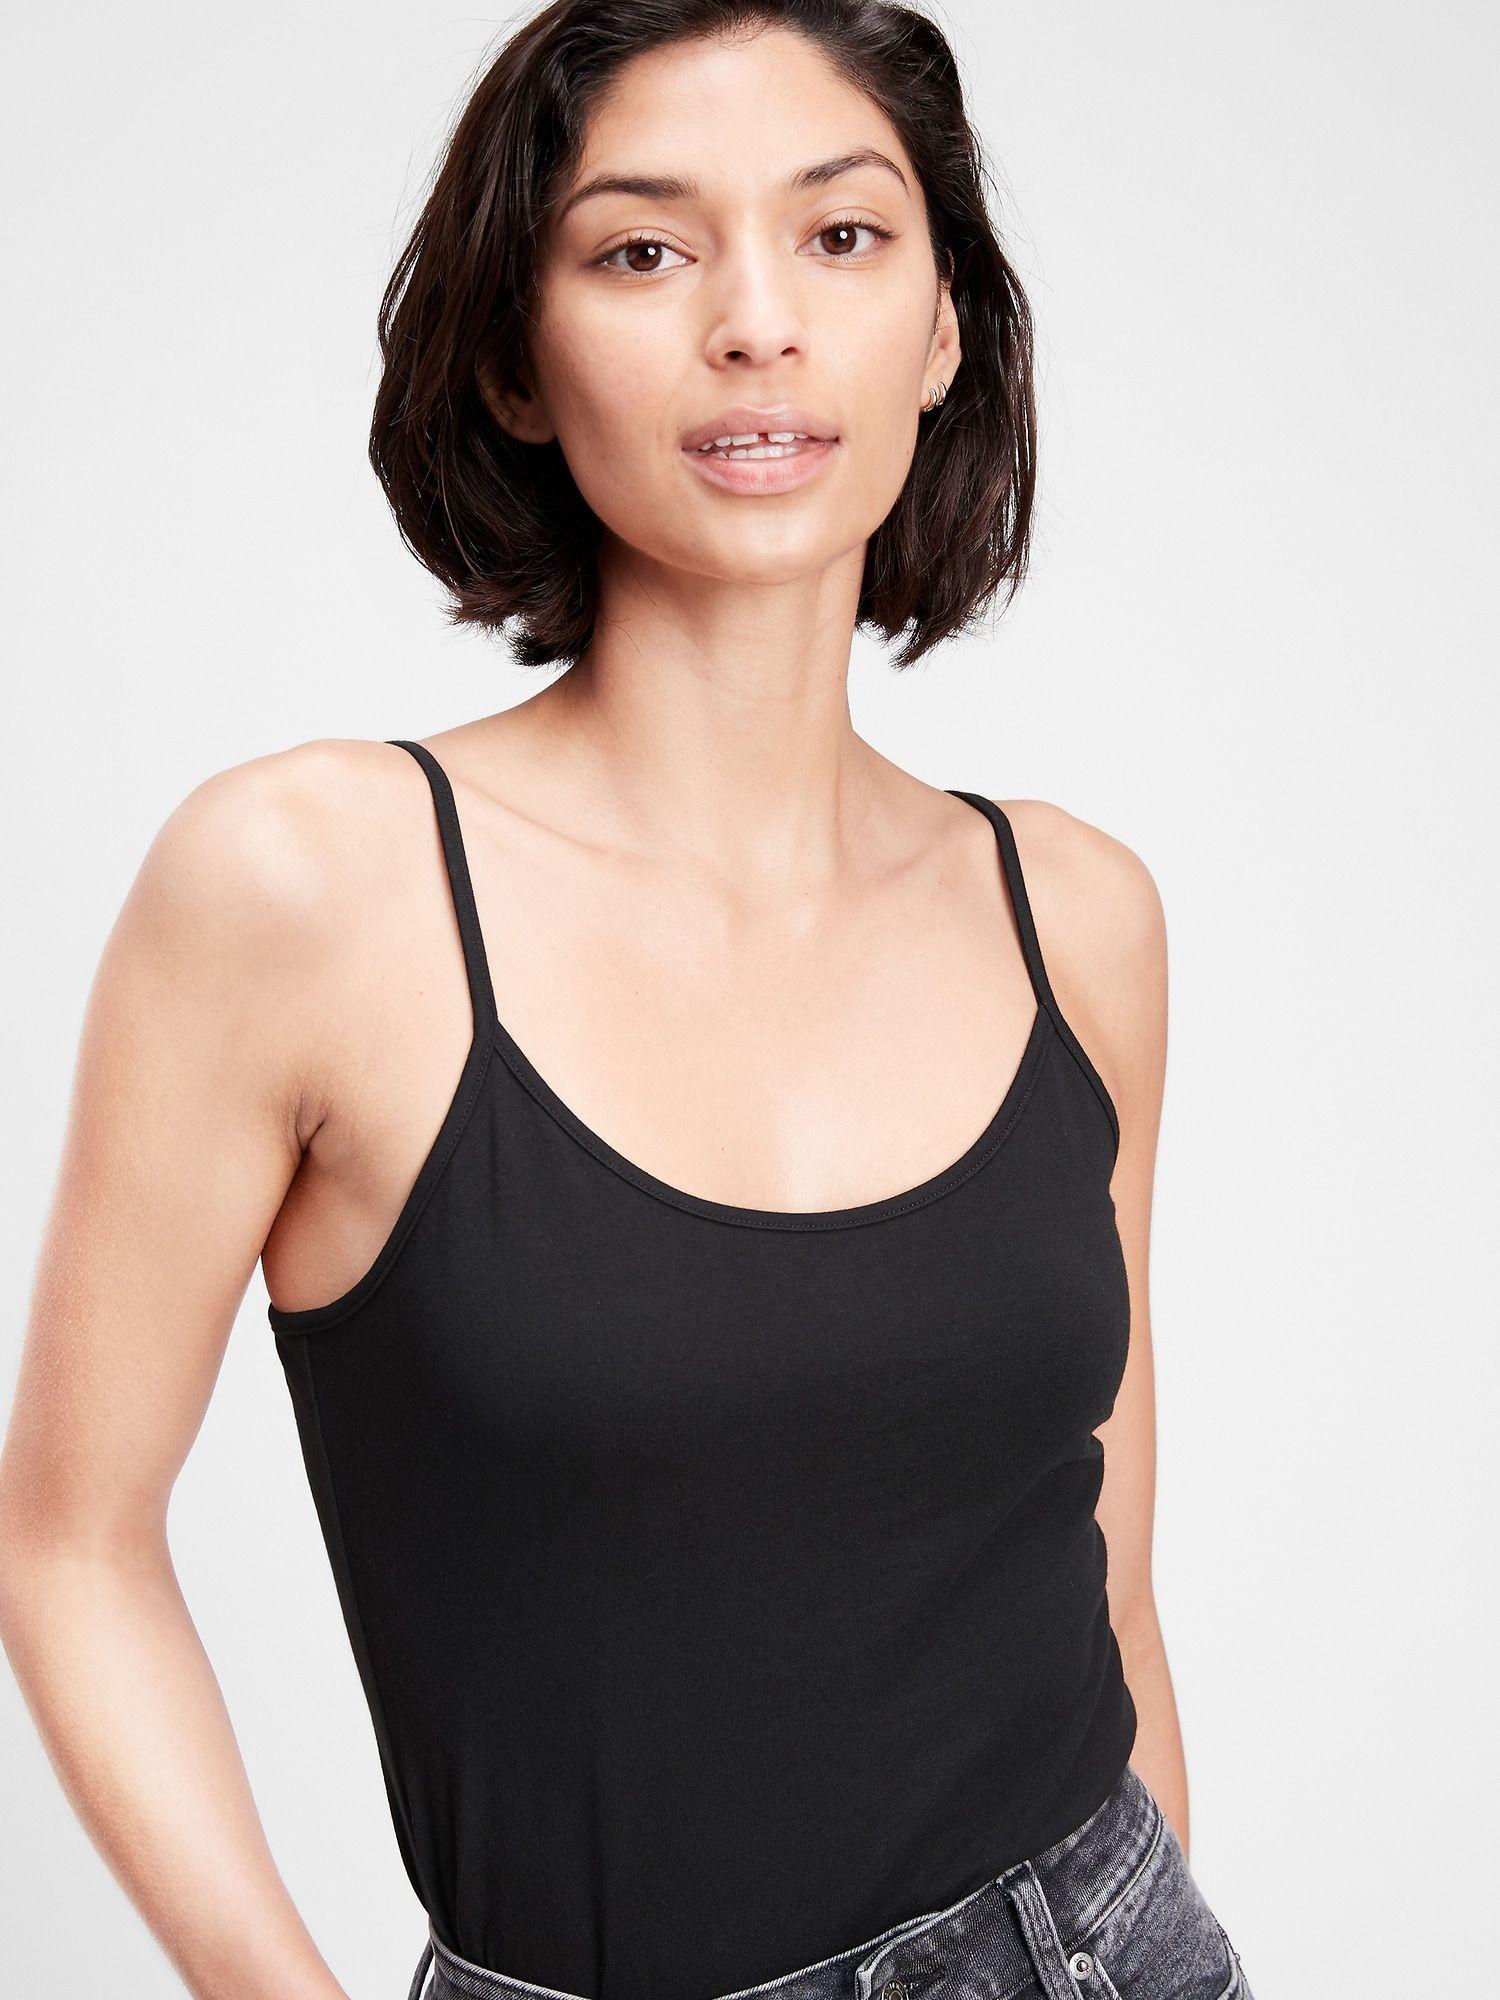 GAP Women's tops black